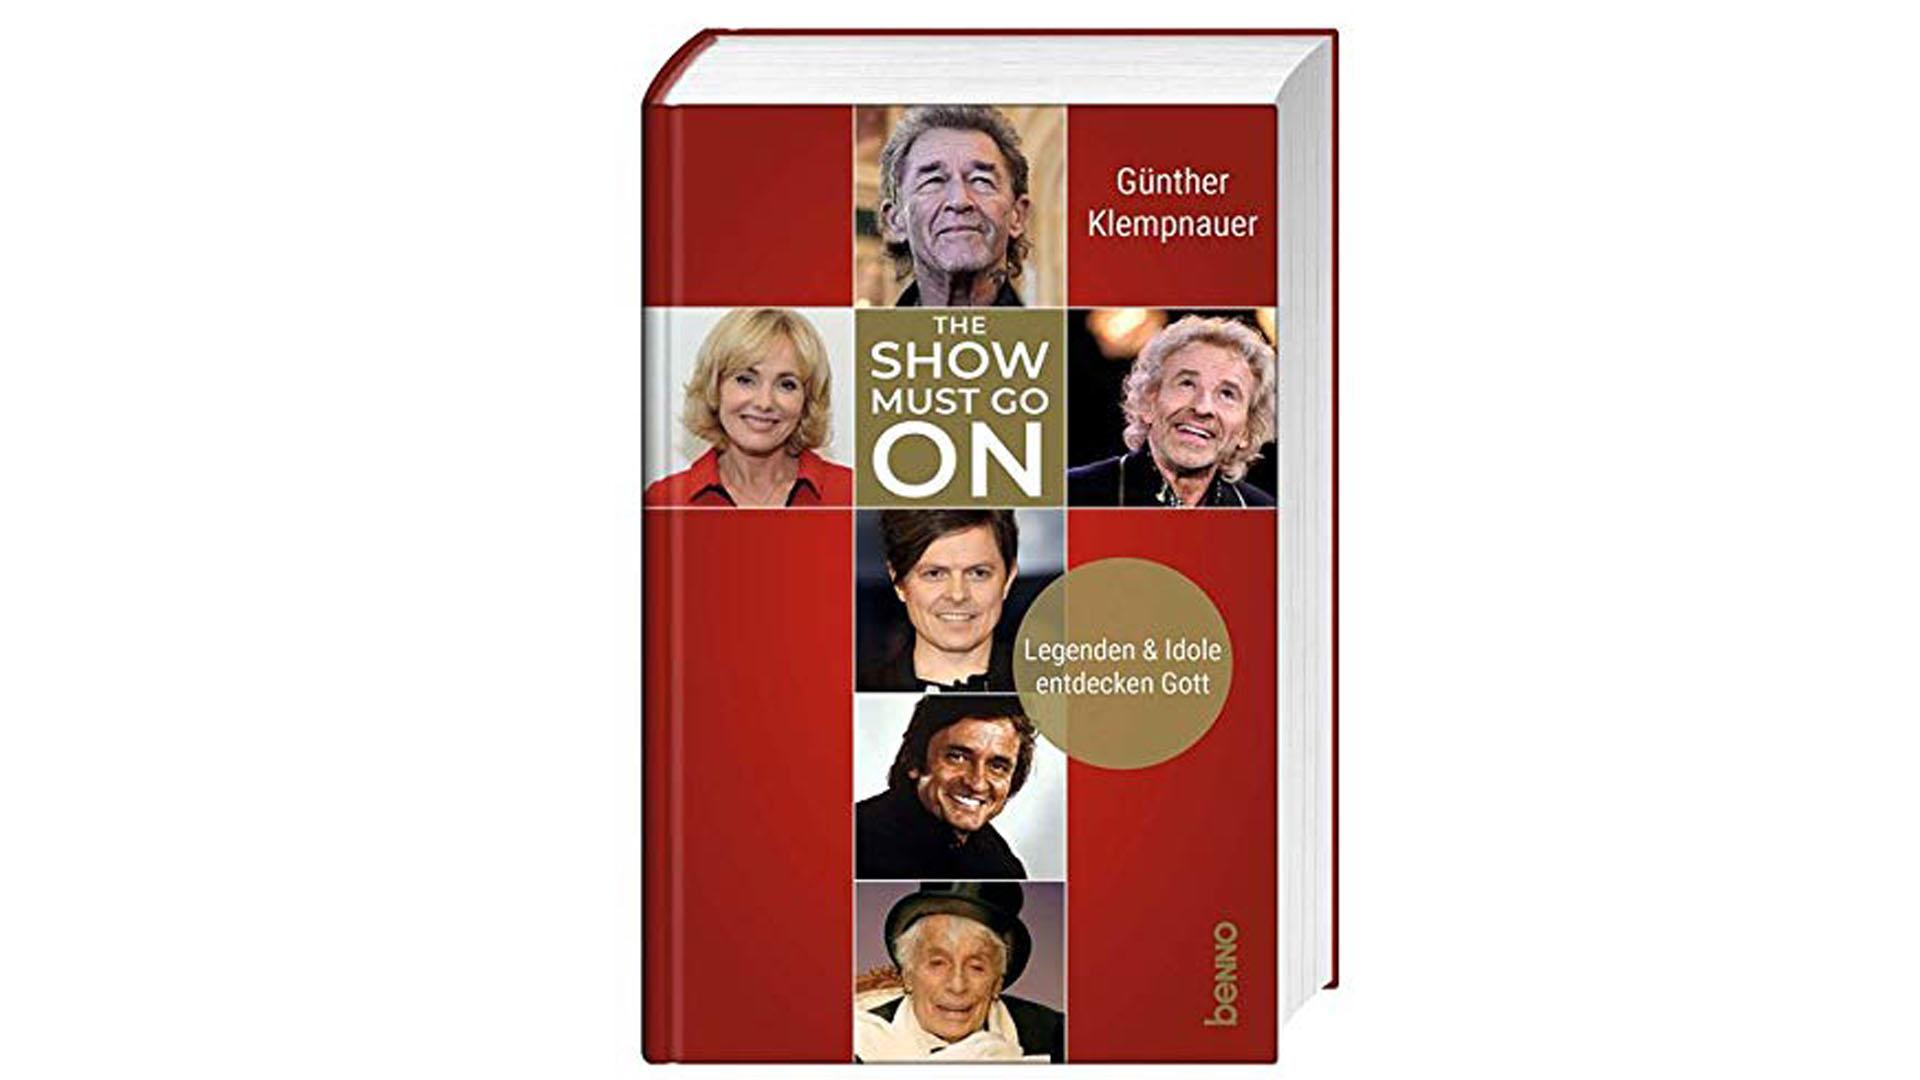 """Günther Klempnauer: """"The Show Must Go On – Legenden und Idole entdecken Gott"""", St. Benno Verlag, 232 Seiten, 19,95 Euro, ISBN: 9783746255798"""